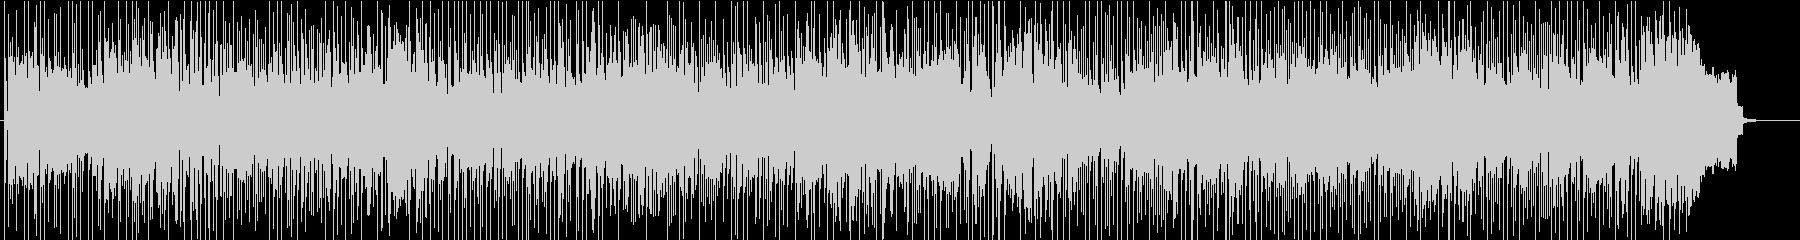 テナーの合間にエレピソロ重めフュージョンの未再生の波形